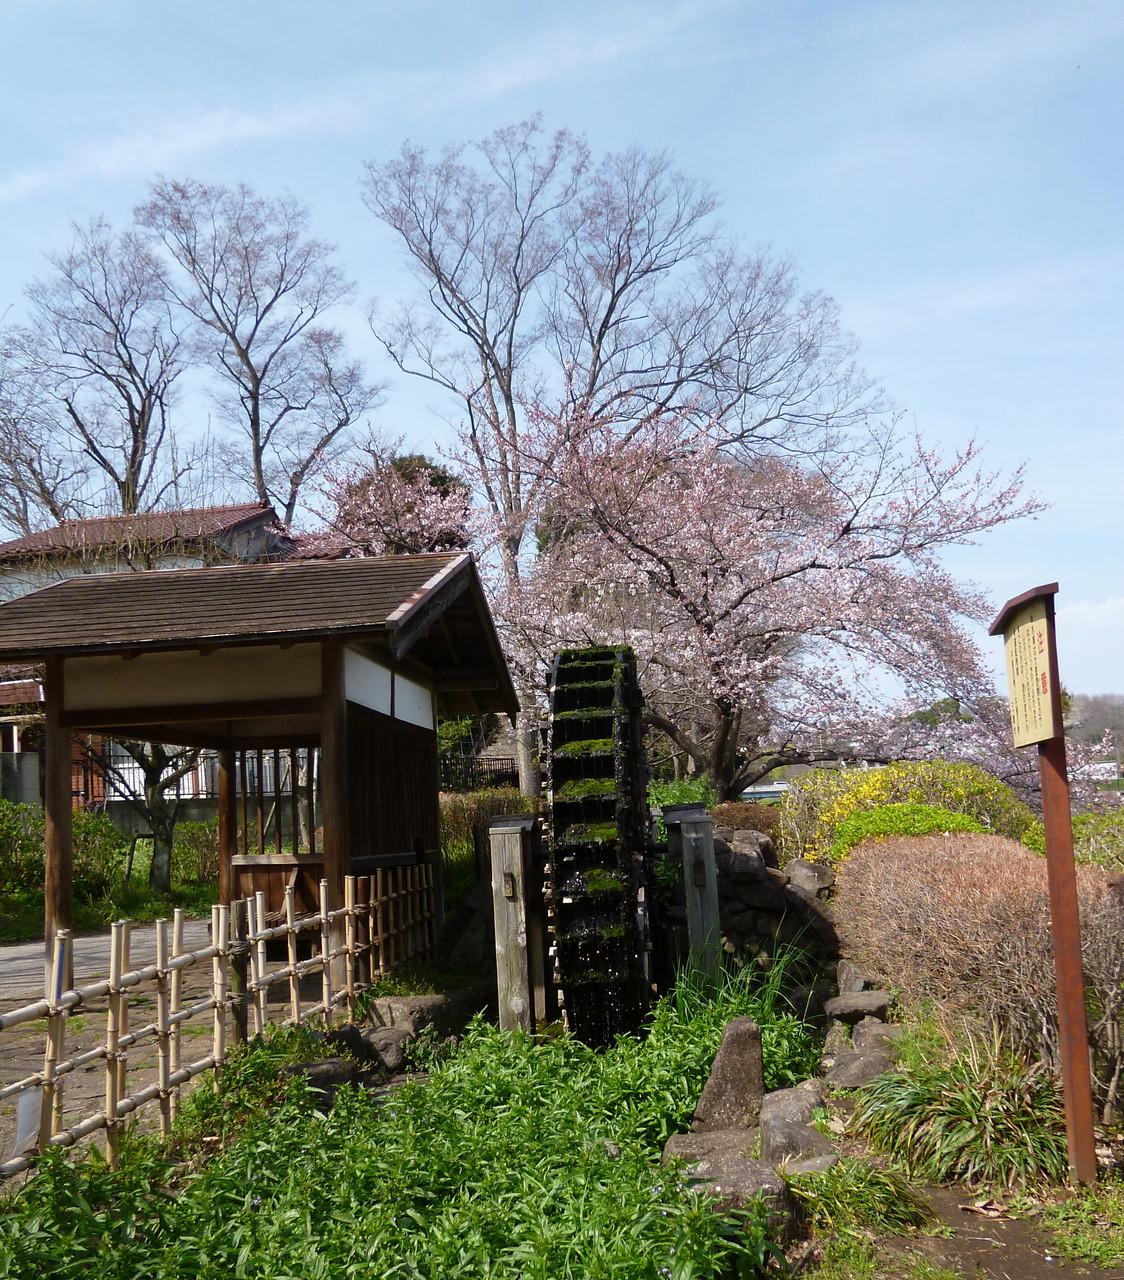 野川沿いの風景/水車(h28.3.31)